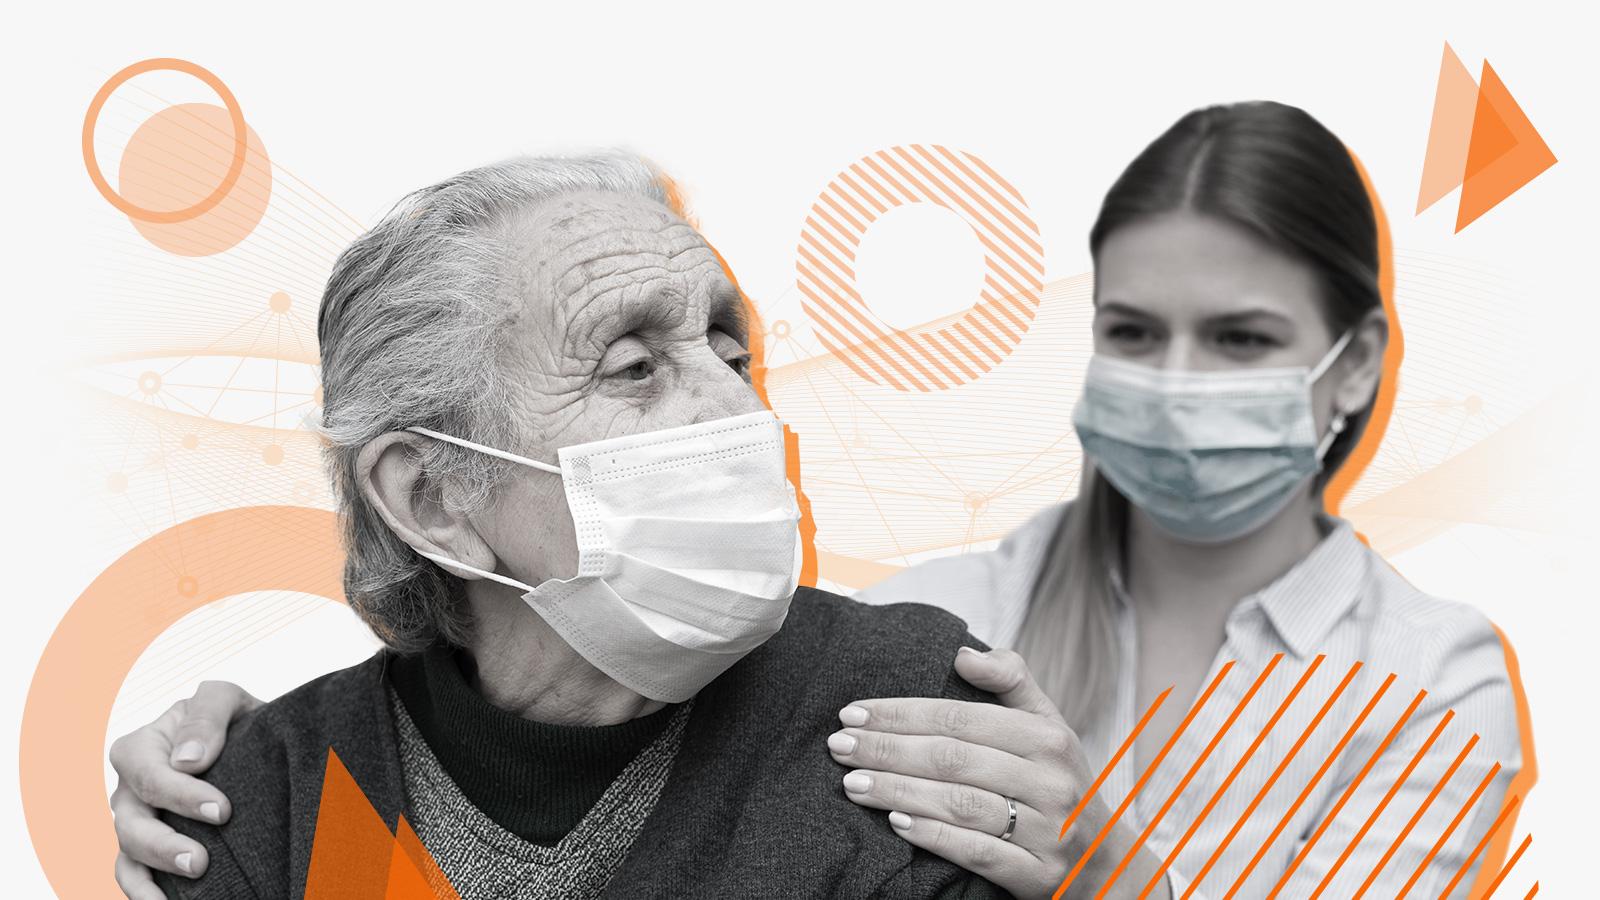 El impacto del coronavirus en las residencias de mayores: 74 muertes en la última semana